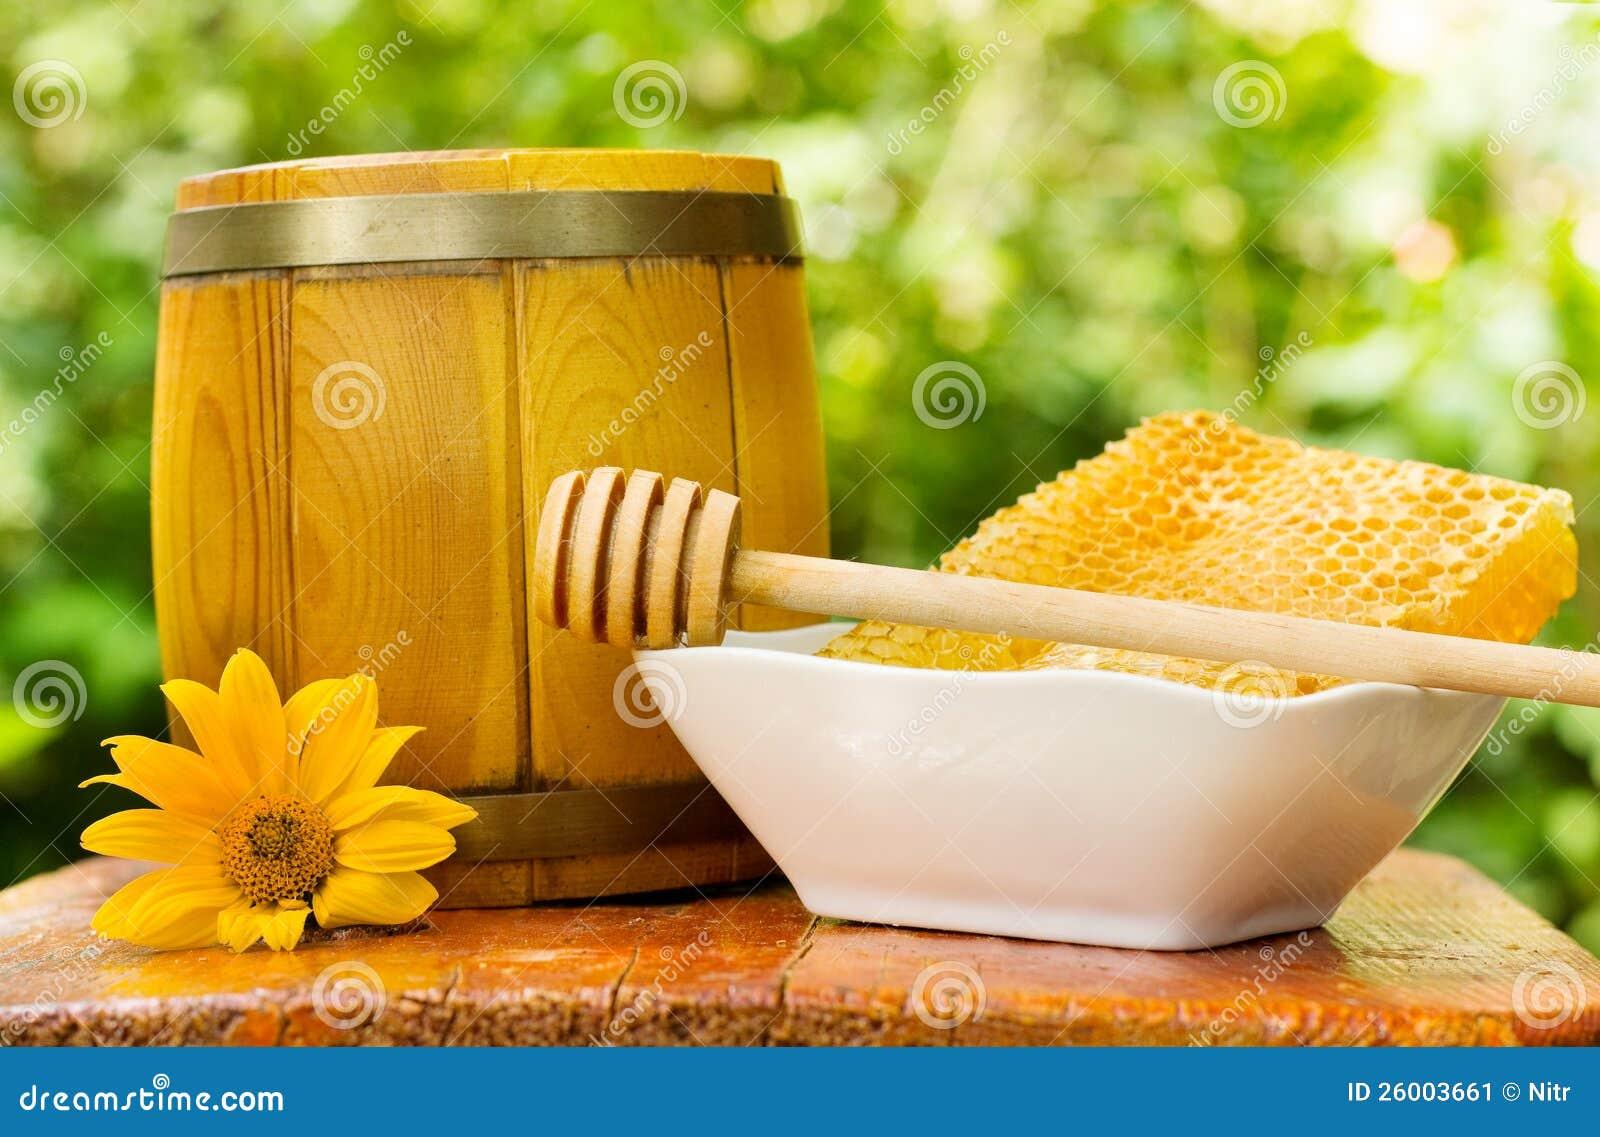 Nid d abeilles et baril de miel